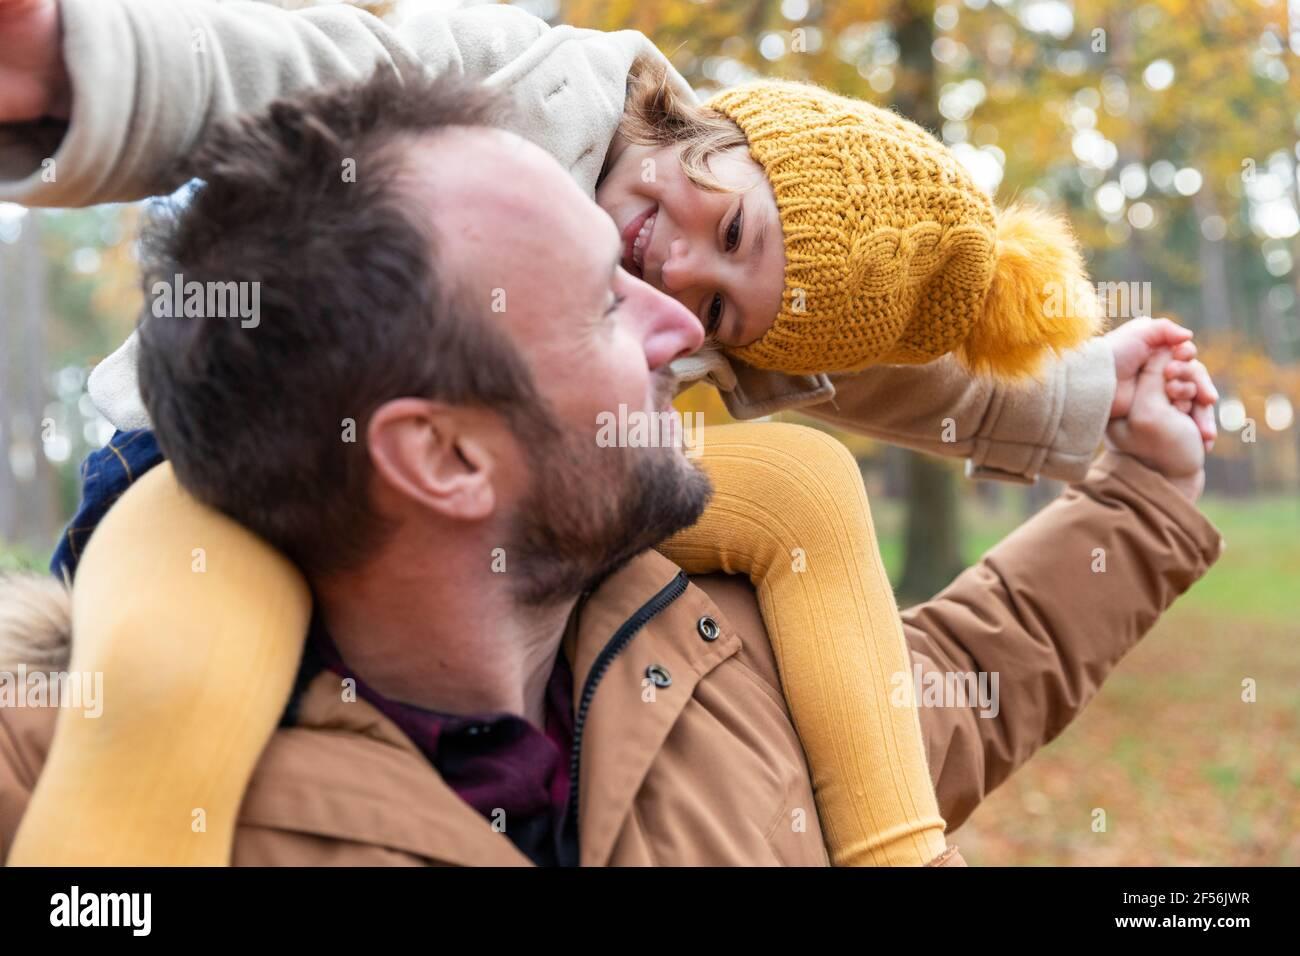 Fille souriante jouant tout en étant assise sur l'épaule du père dans la forêt Banque D'Images